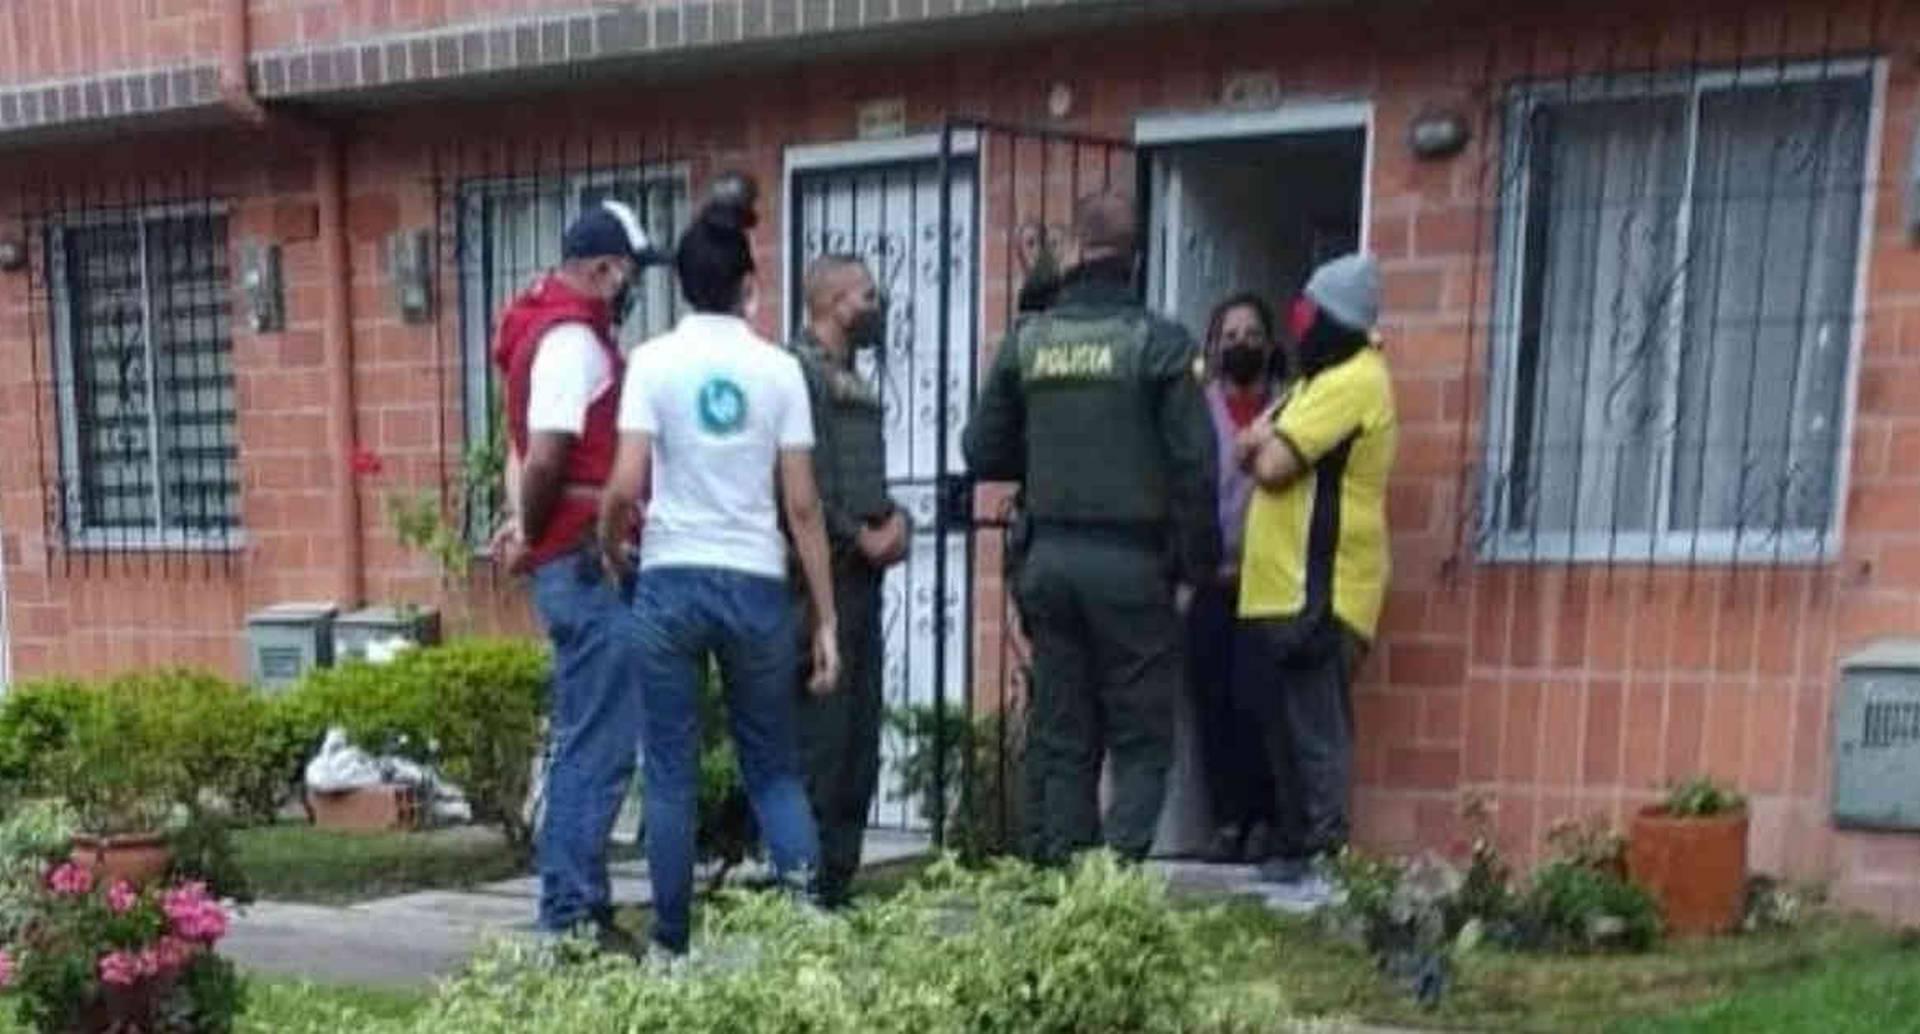 La Policía Ambiental realizó un operativo en la casa de menor que mató a un gallinazo en Rionegro. Tras el hecho le fue incautado un rifle de copas. Foto: Alcaldía de Rionegro.